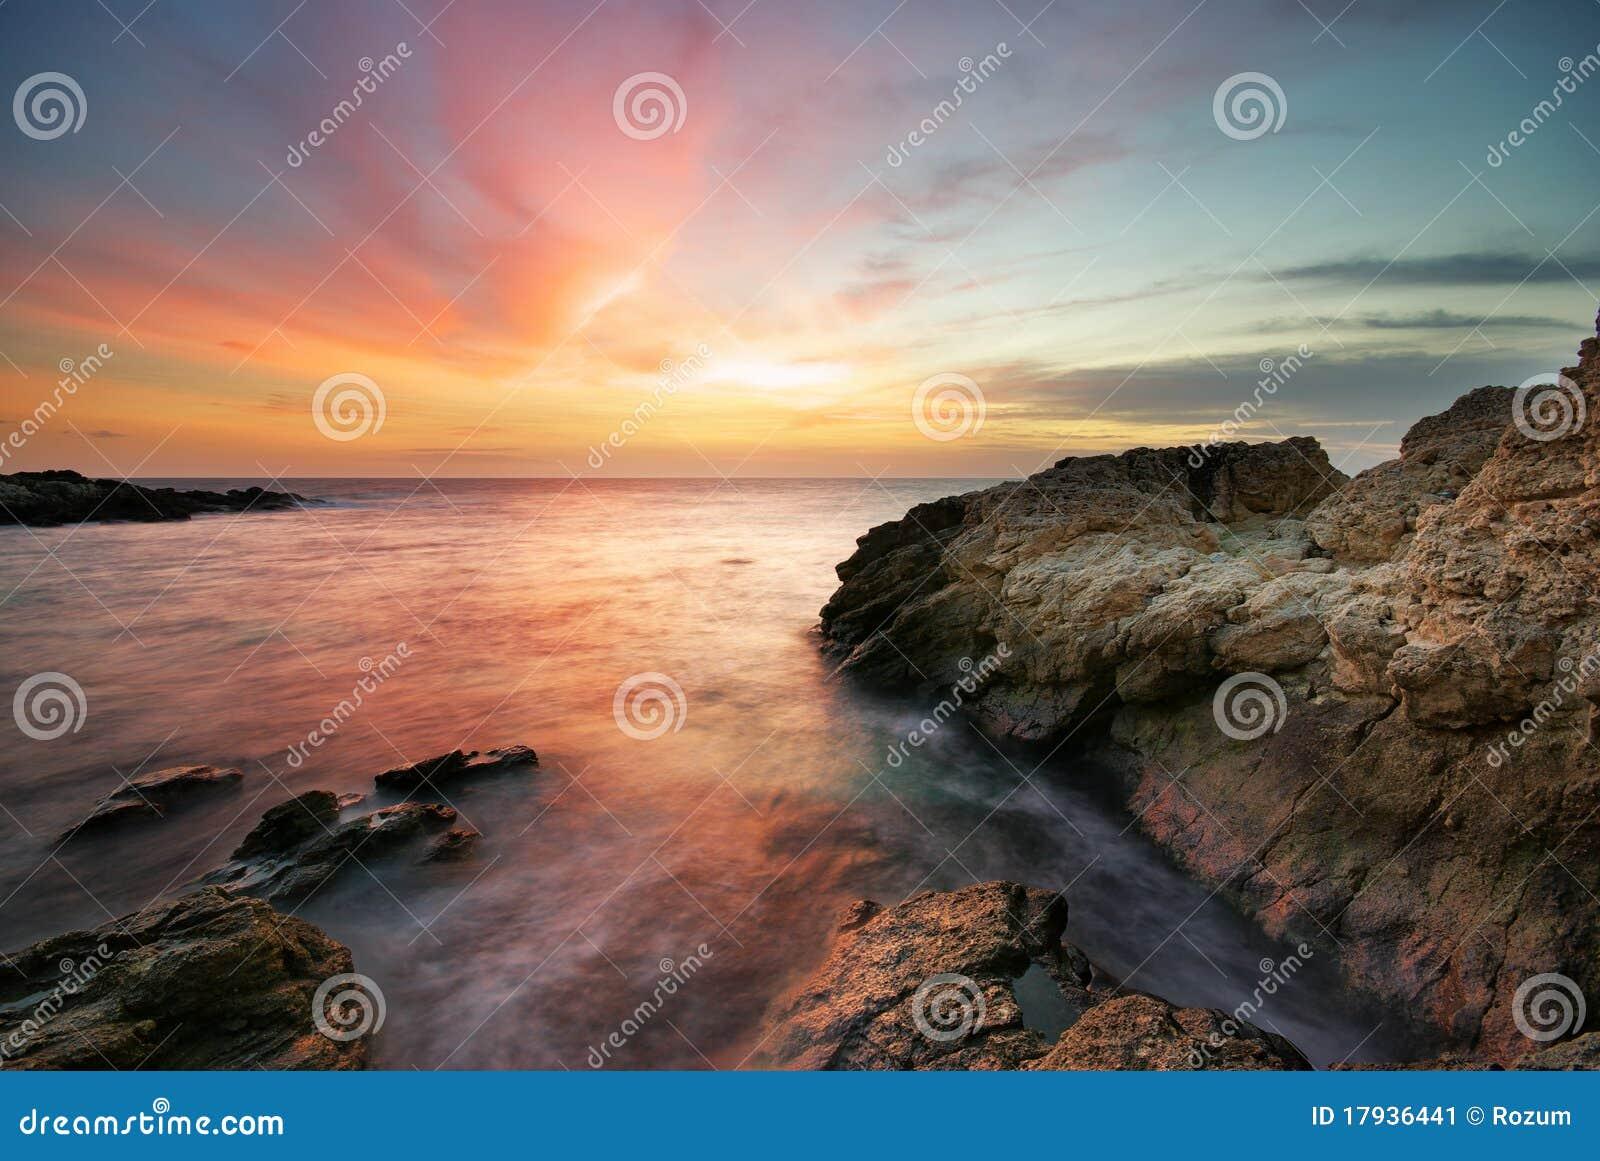 Seascape bonito.